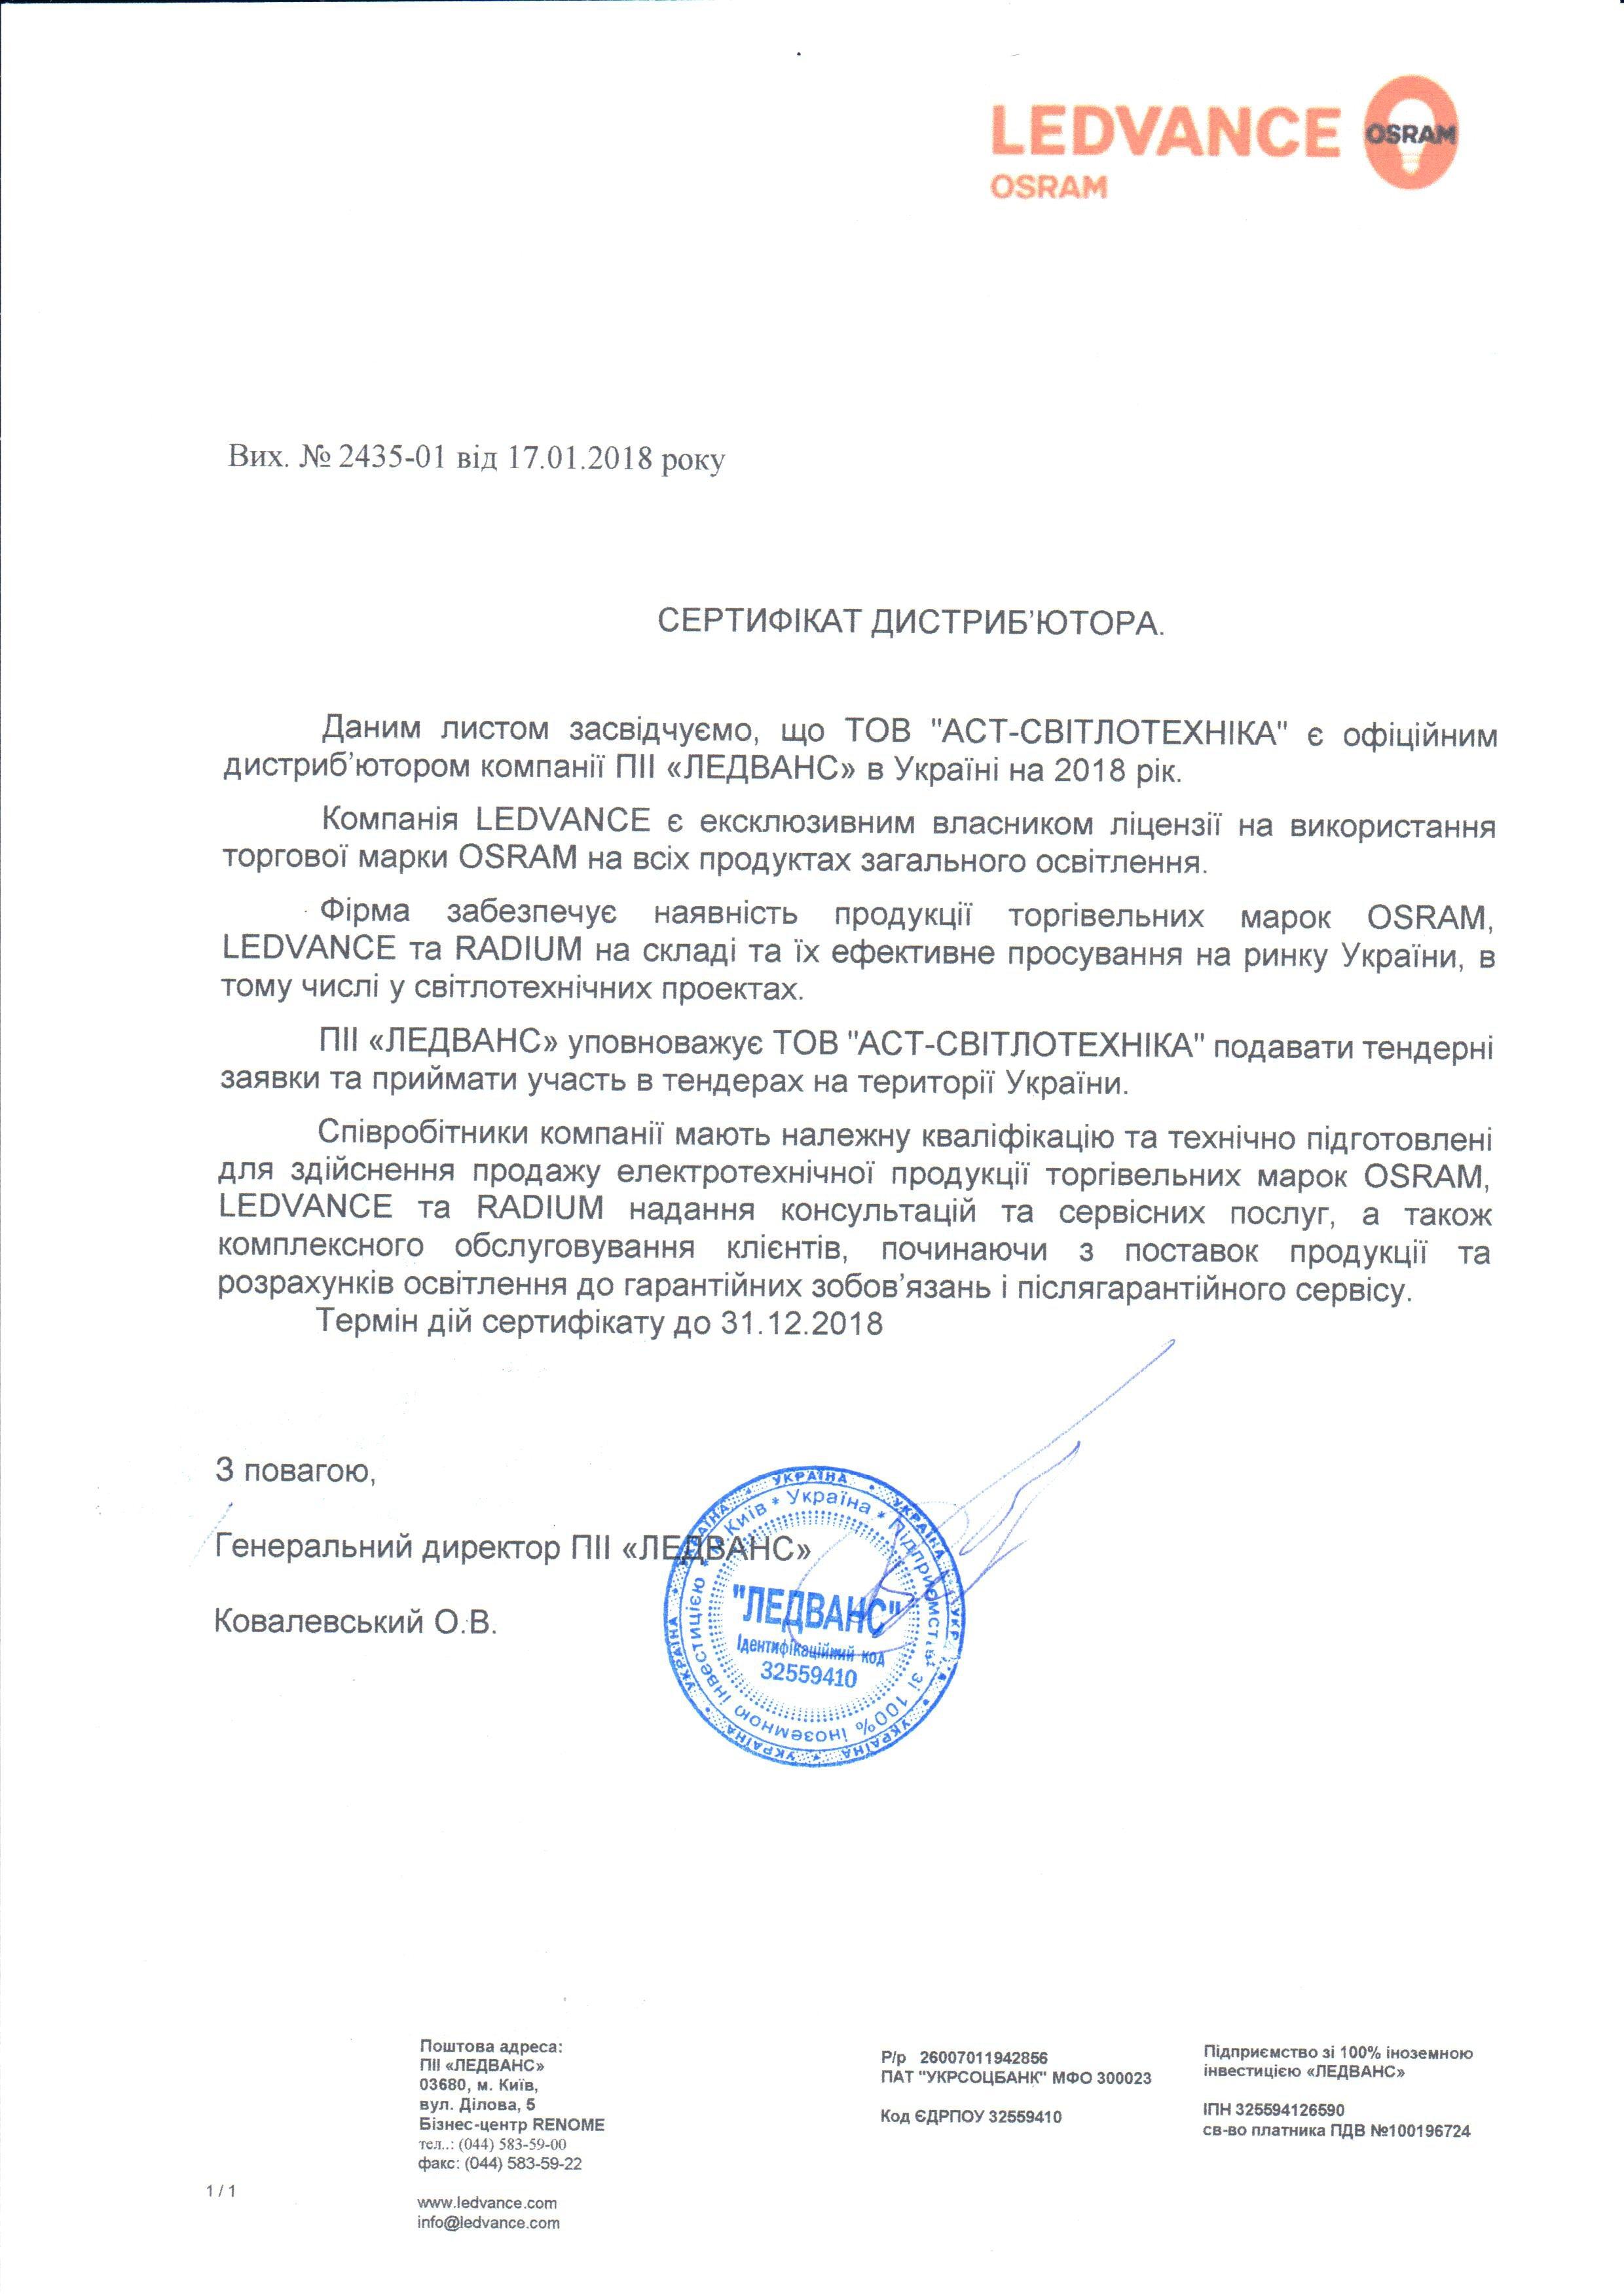 Сертификат LEDVANCE OSRAM подтверждает, что Светотехника является официальным дистрибьютором компании ЛЕДВАНС в Украине на 2018 год. ПИИ ЛЕДВАНС уполномочивает АСТ-СВЕТОТЕХНИКА подавать тендерные заявки и участвовать в тендерах на территории Украины по продукции LEDVANCE OSRAM.